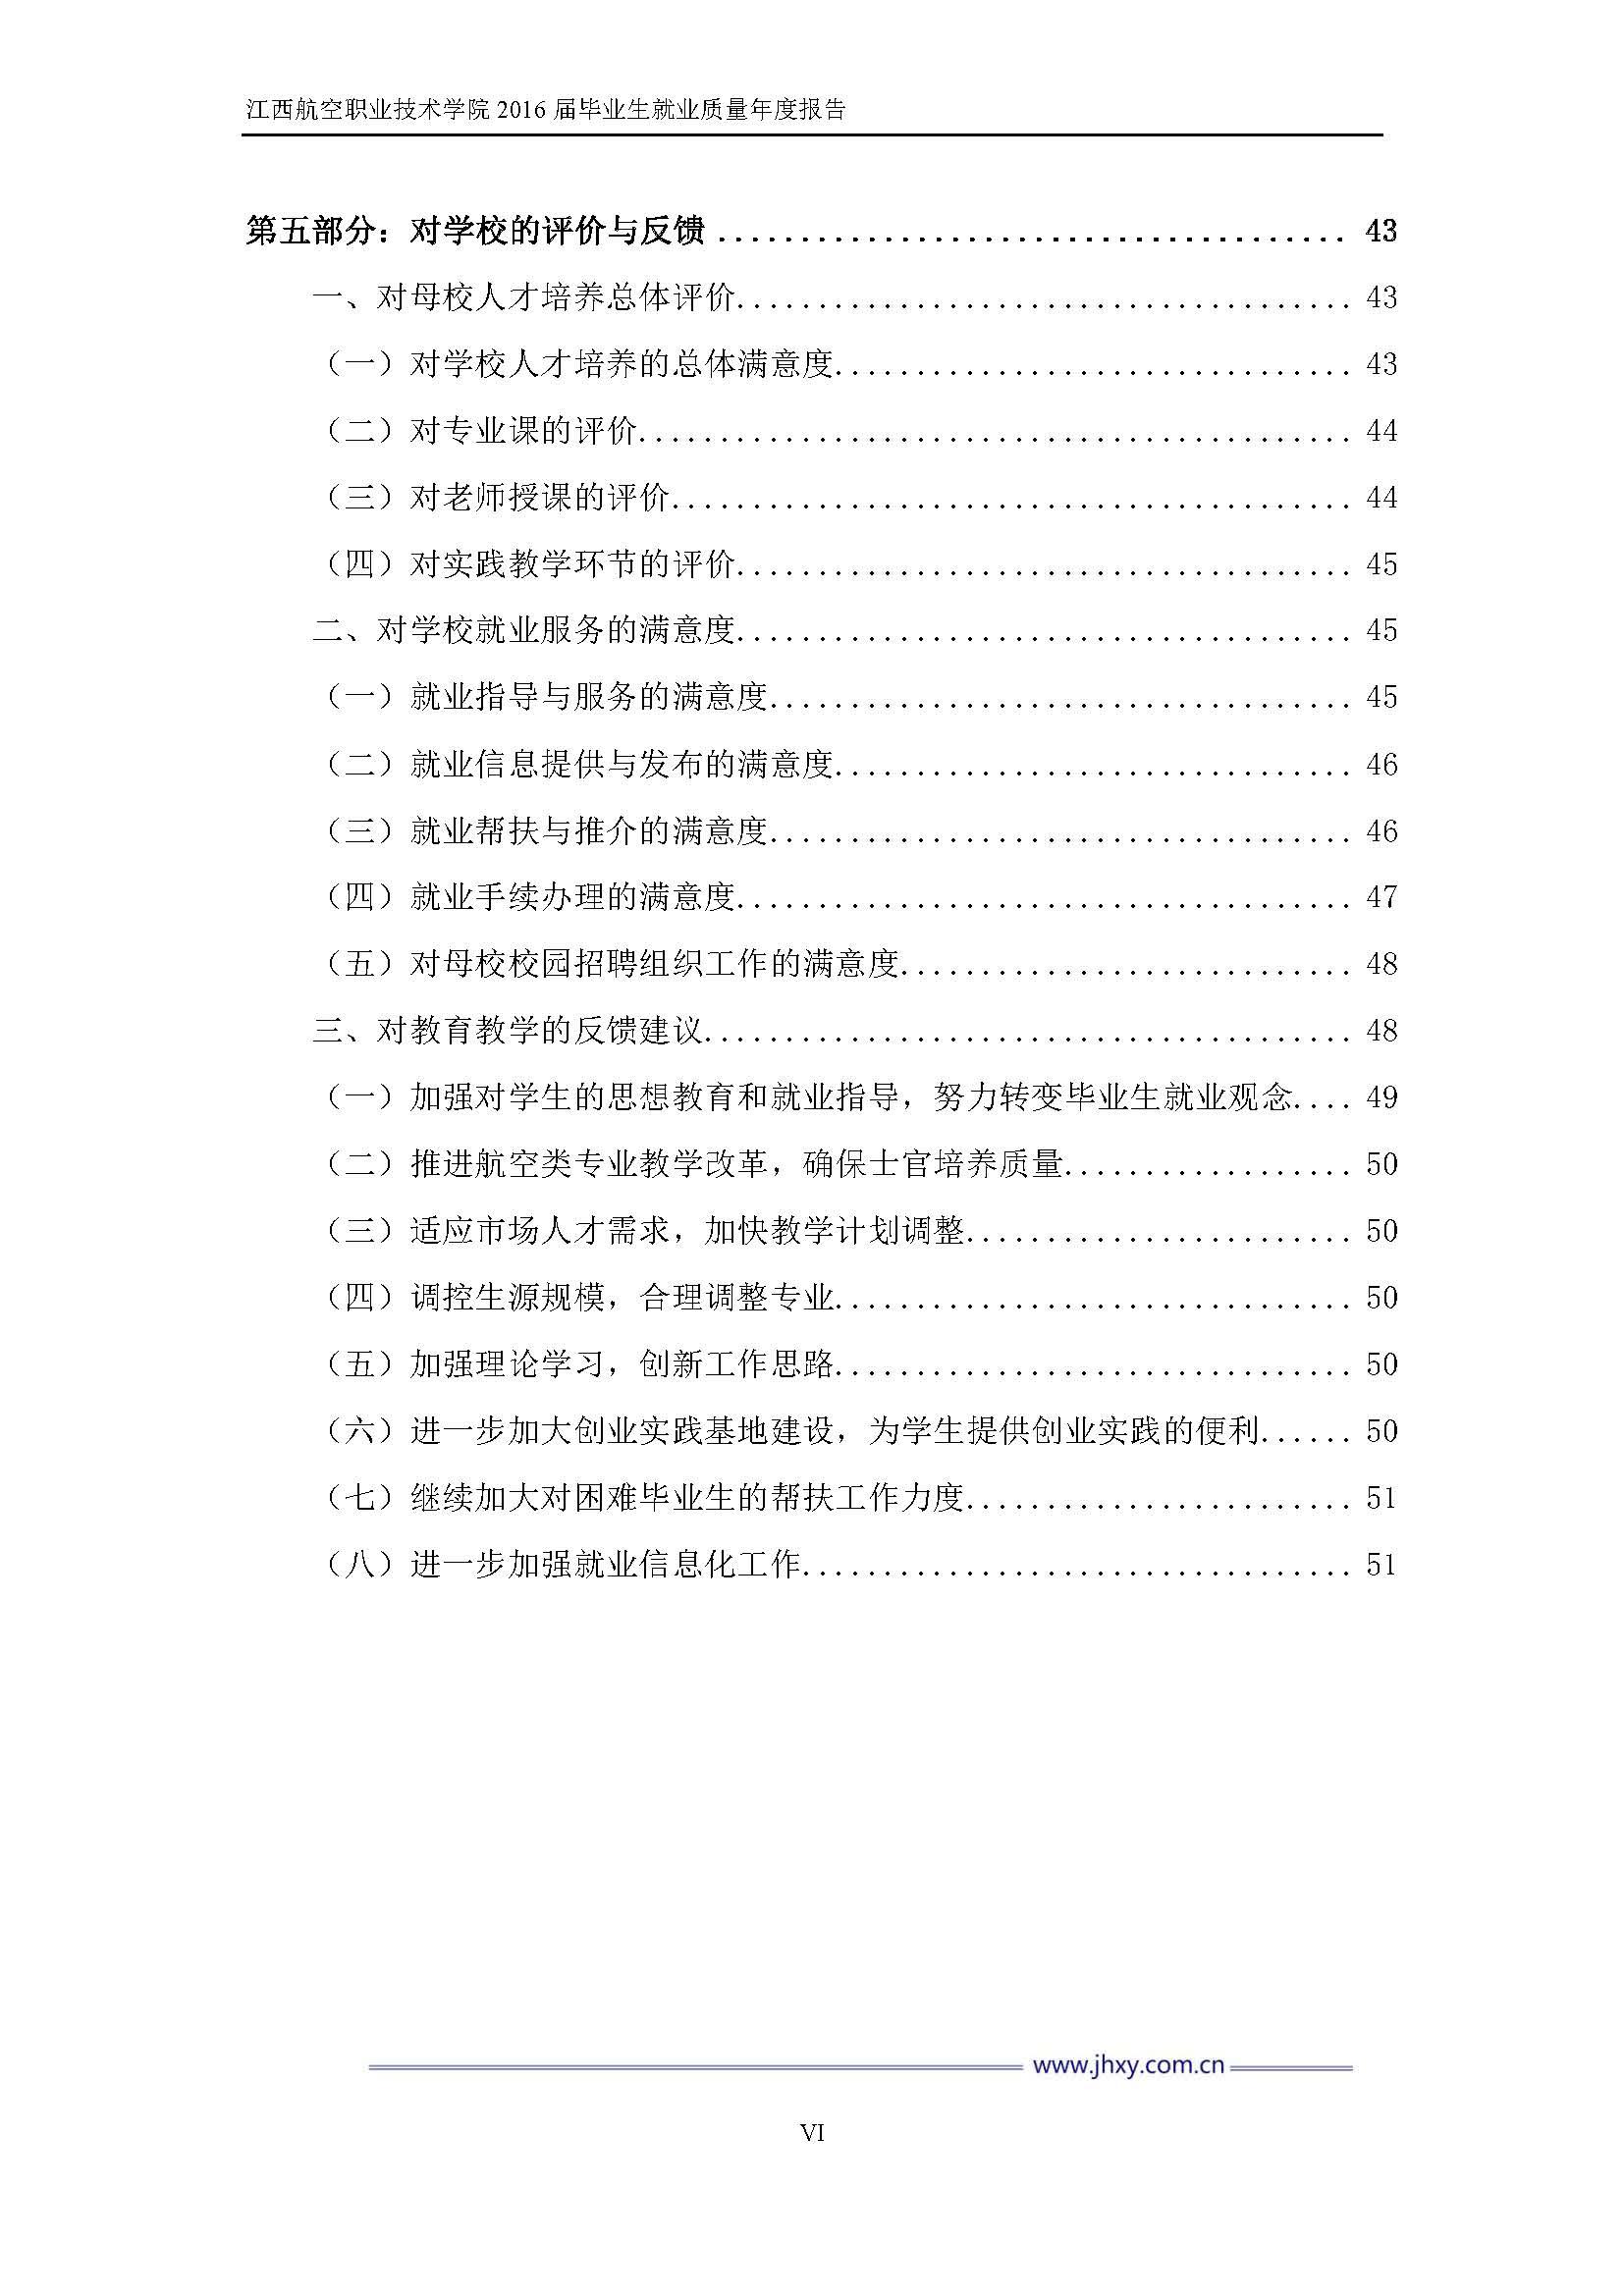 江西航空职业技术学院2016届毕业生就业质量年度报告_Page_07.jpg